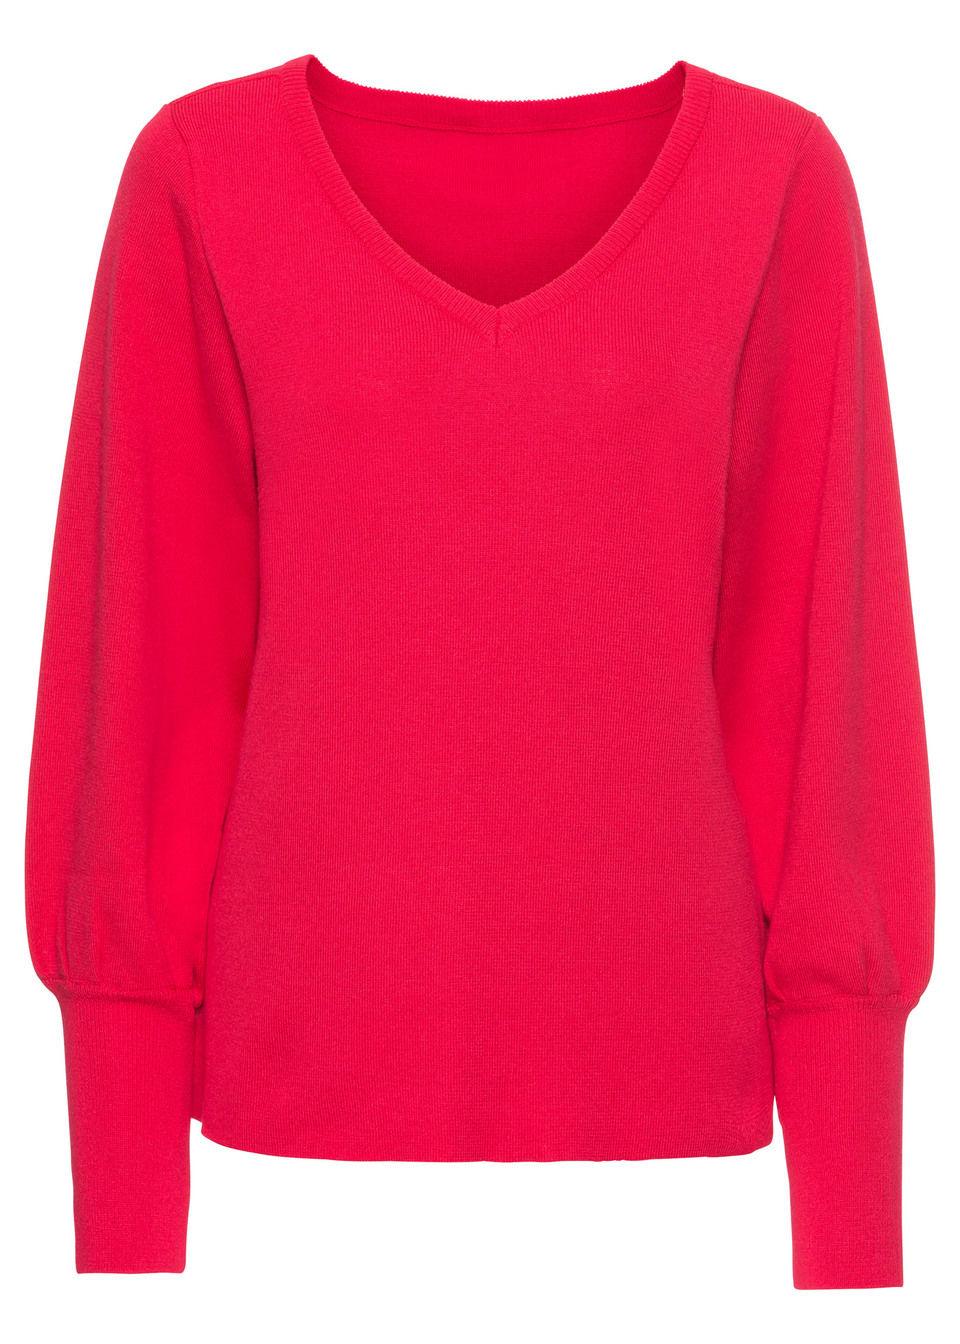 Обязательный элемент гардероба: пуловер с рукавами-баллонами